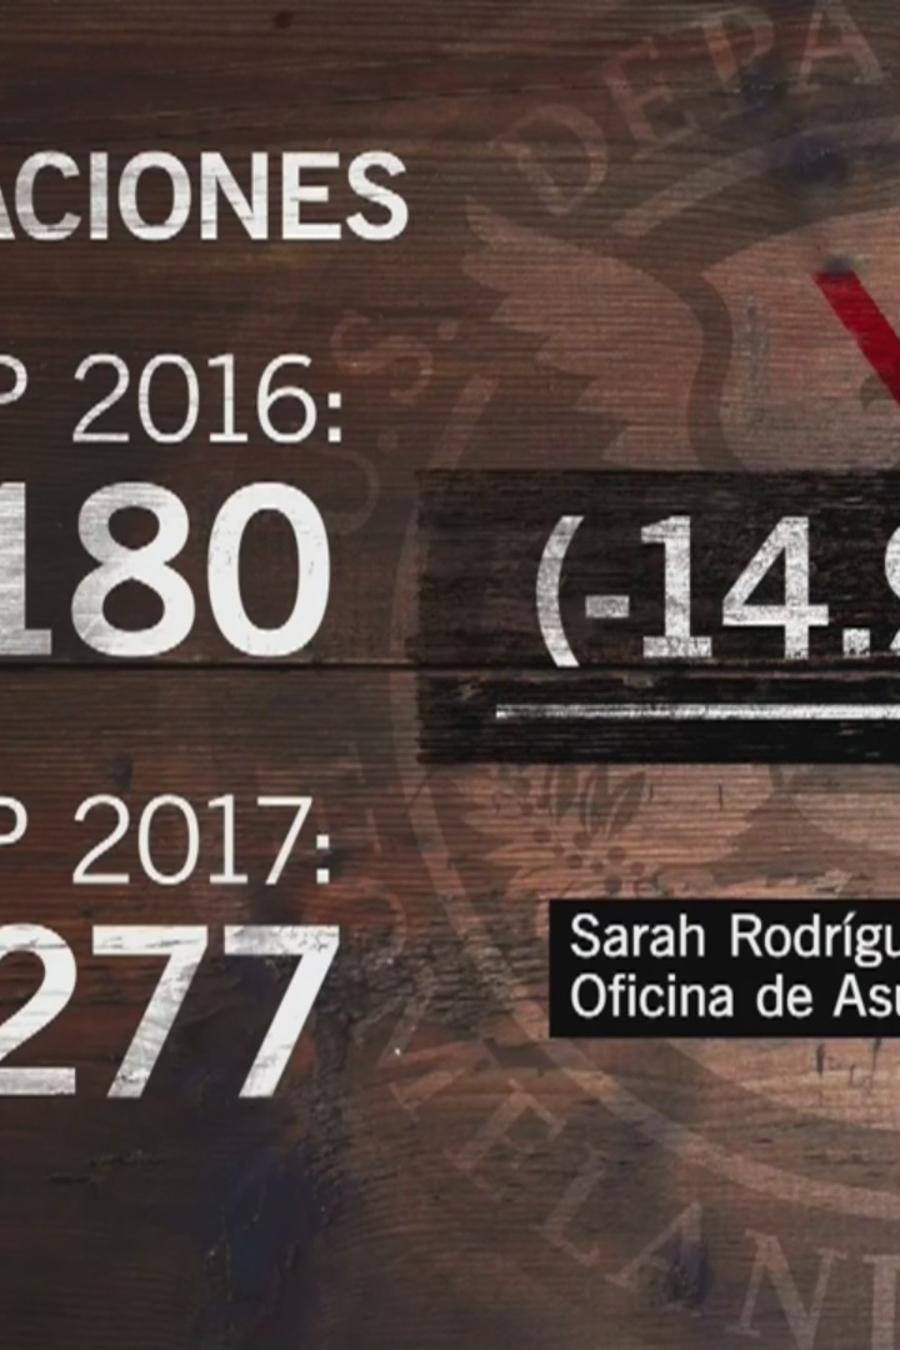 Gráfica comparativa de las deportaciones entre 2016 y 2017.